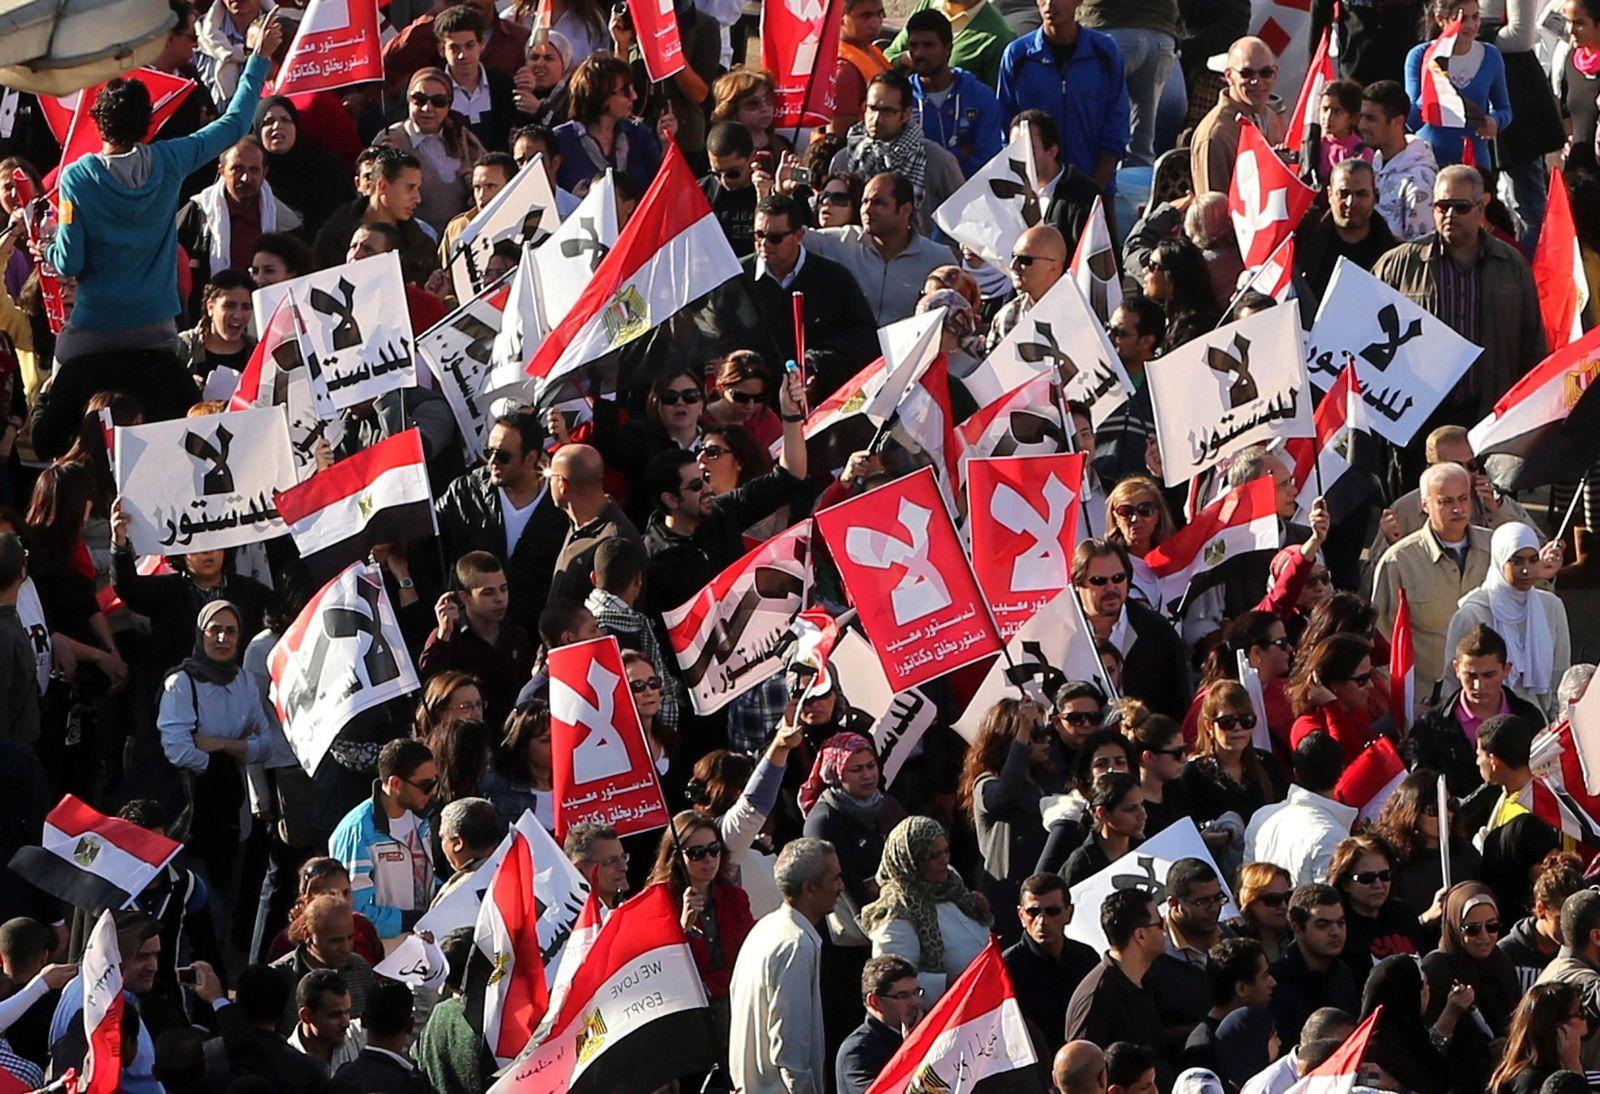 Ägypten / Kairo / Protest